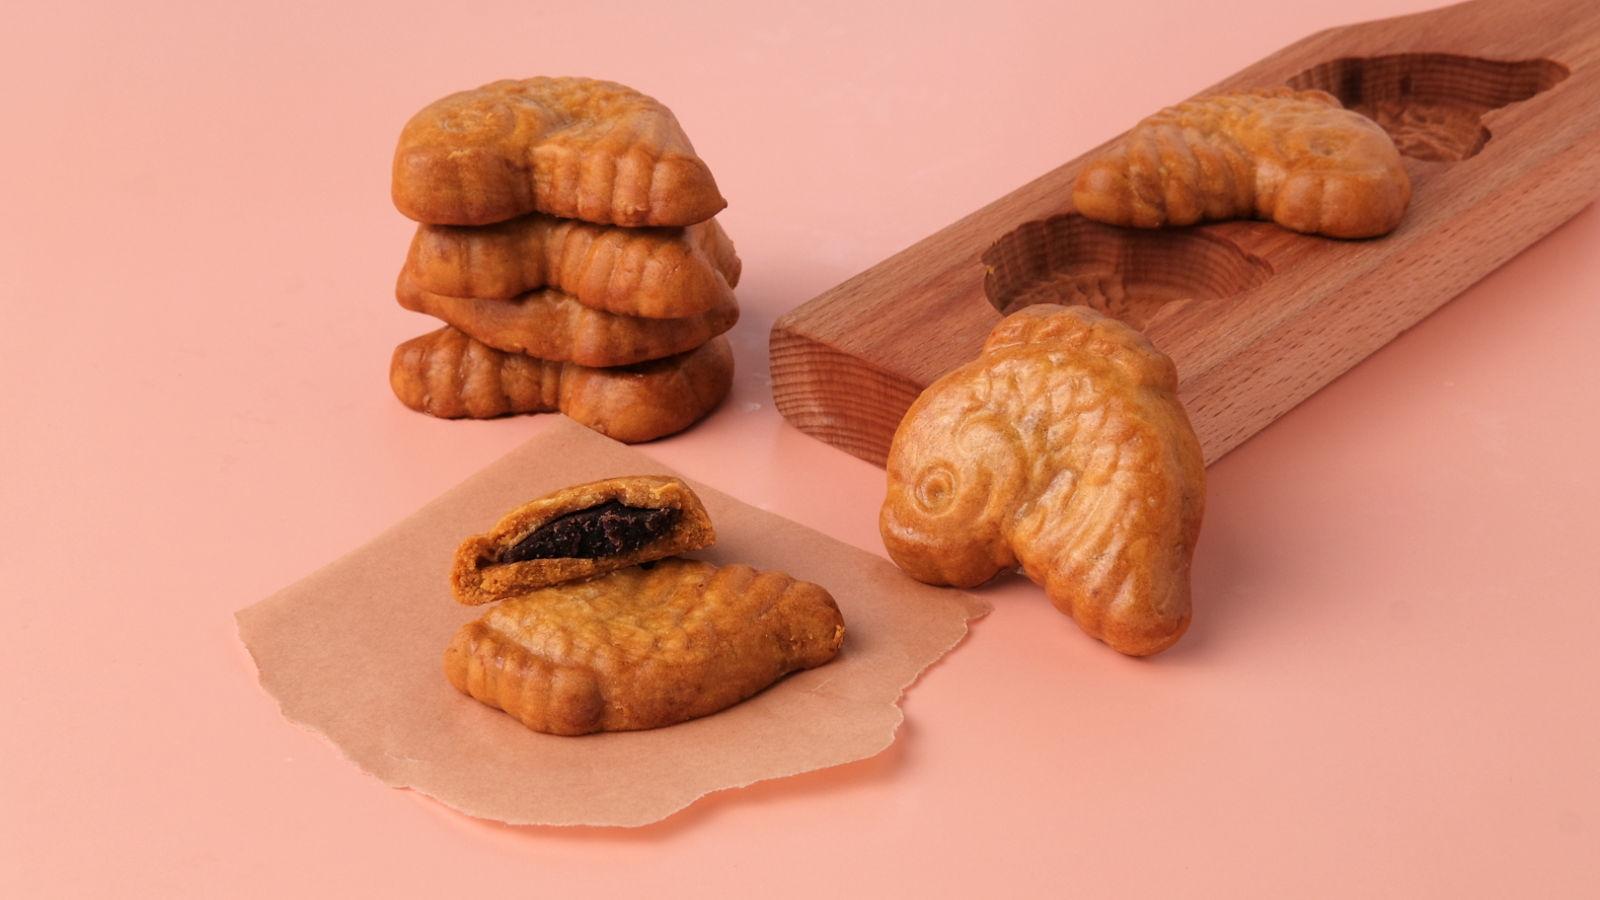 Mooncake Biscuits (公仔饼)